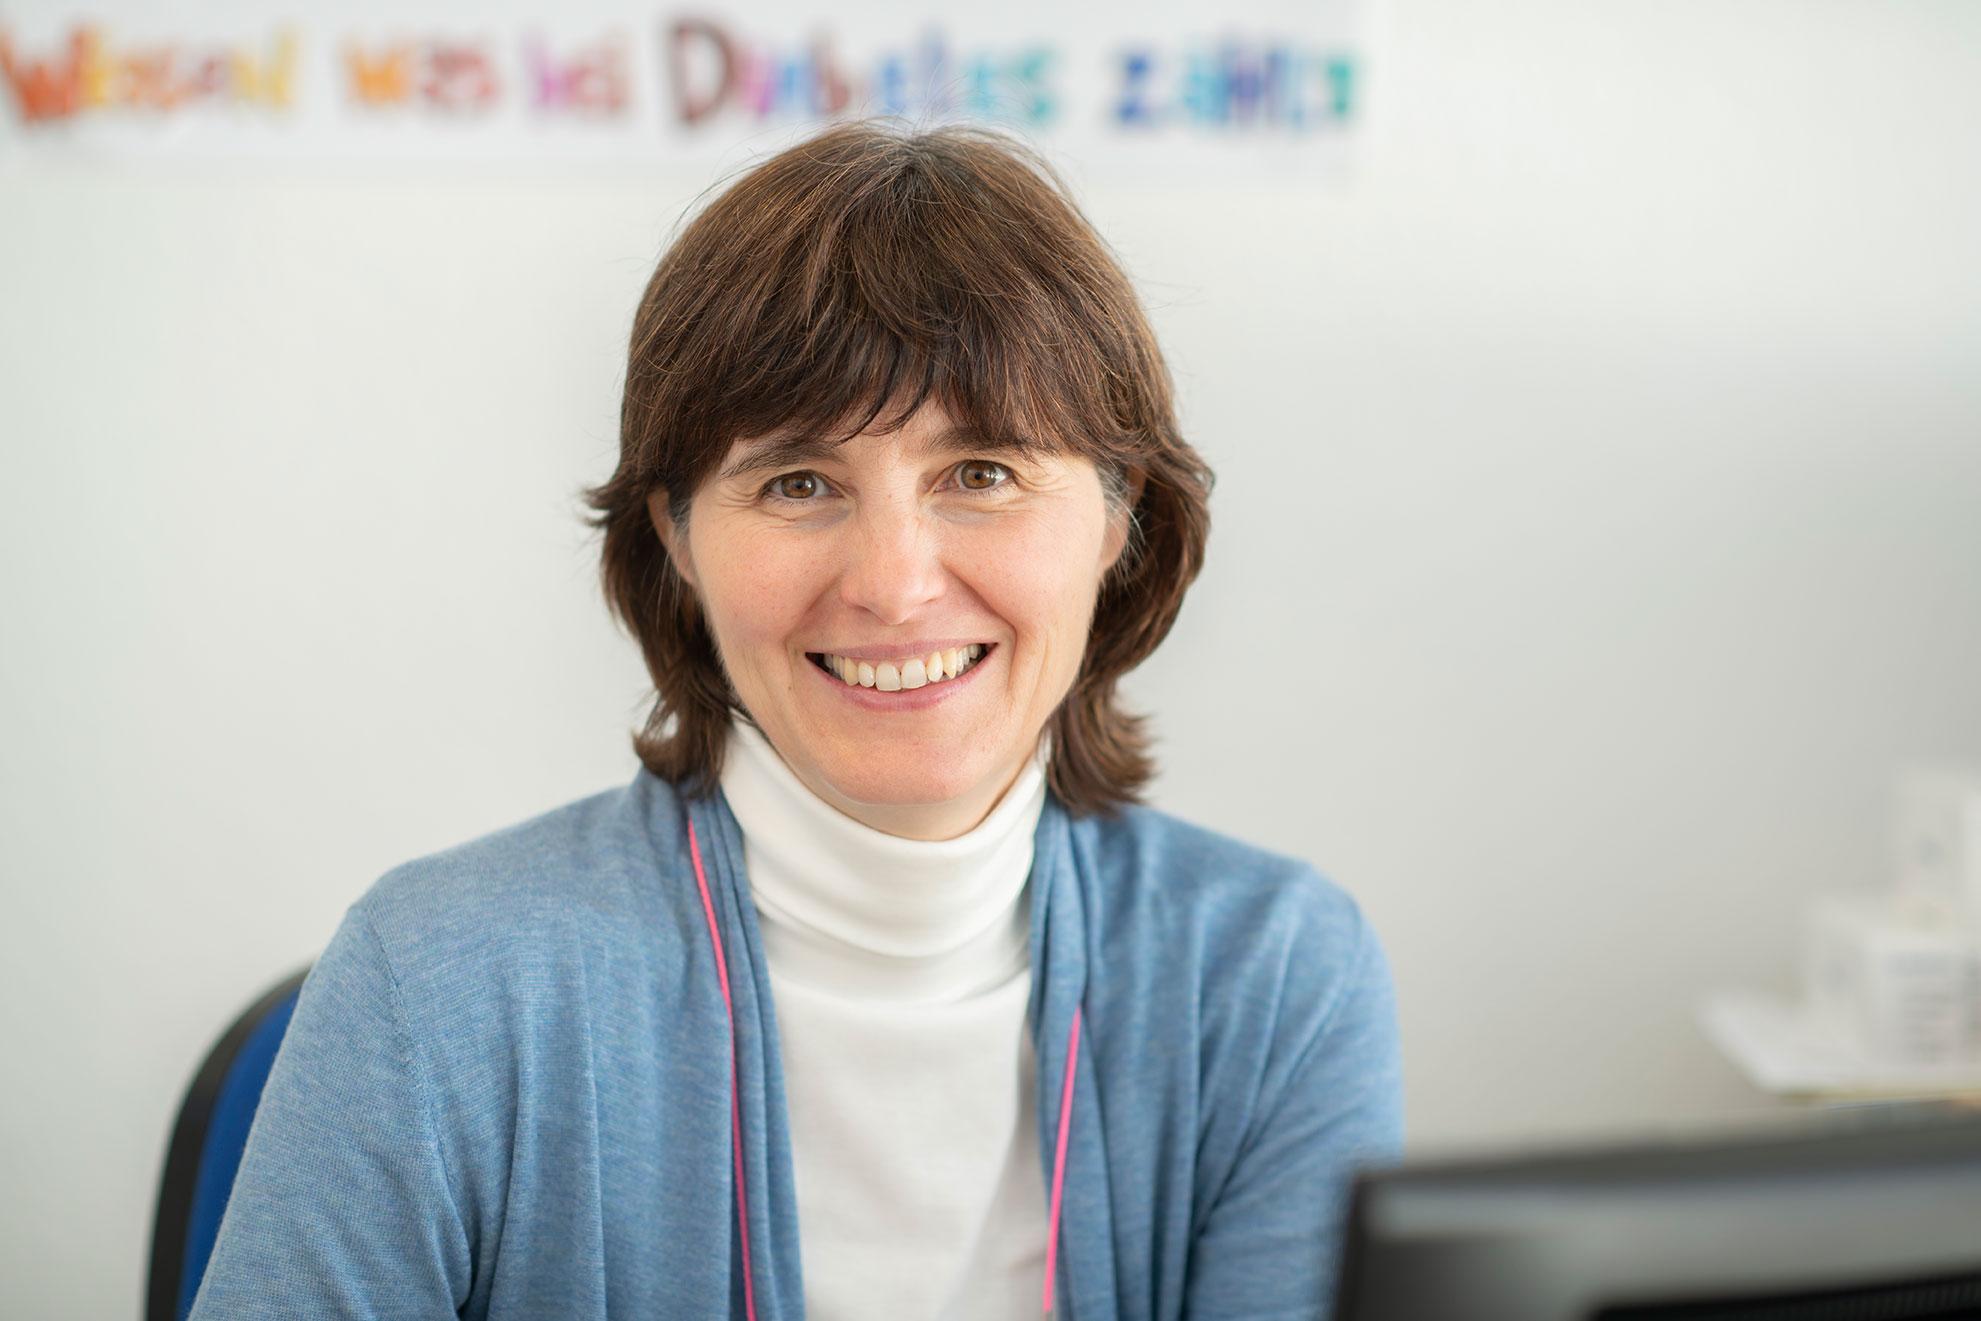 Mariana Daian